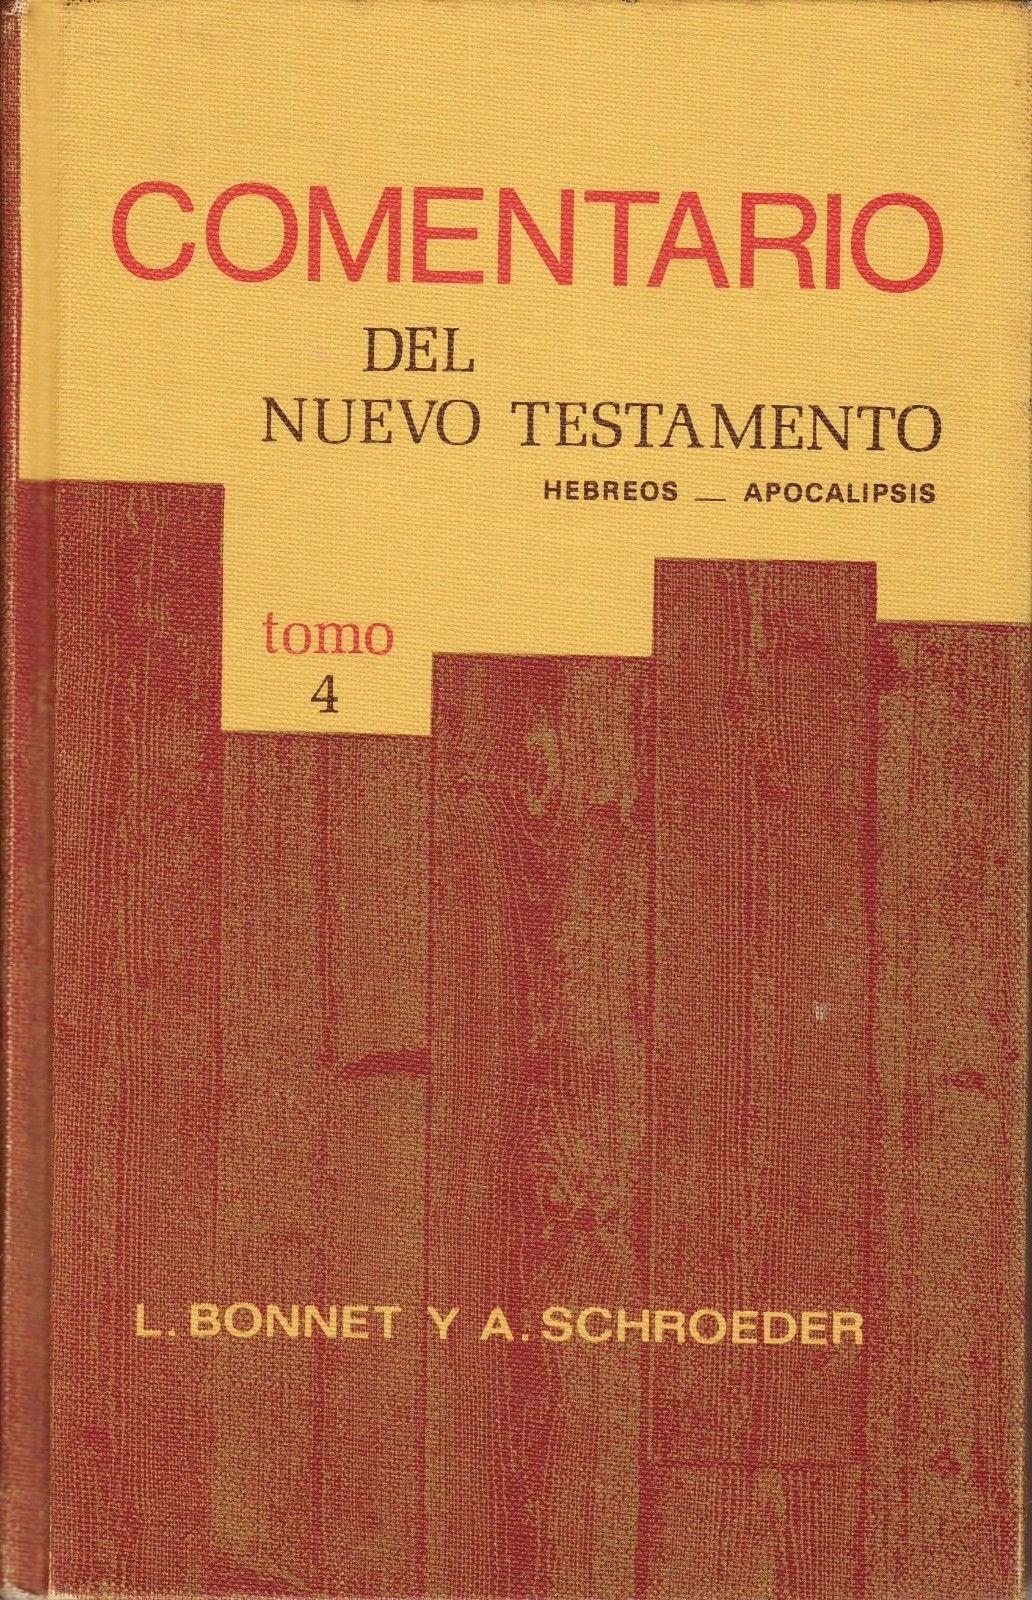 L. Bonnet y A. Schroeder-Comentario Del Nuevo Testamento-Tomo 4-Hebreos-Apocalipsis-